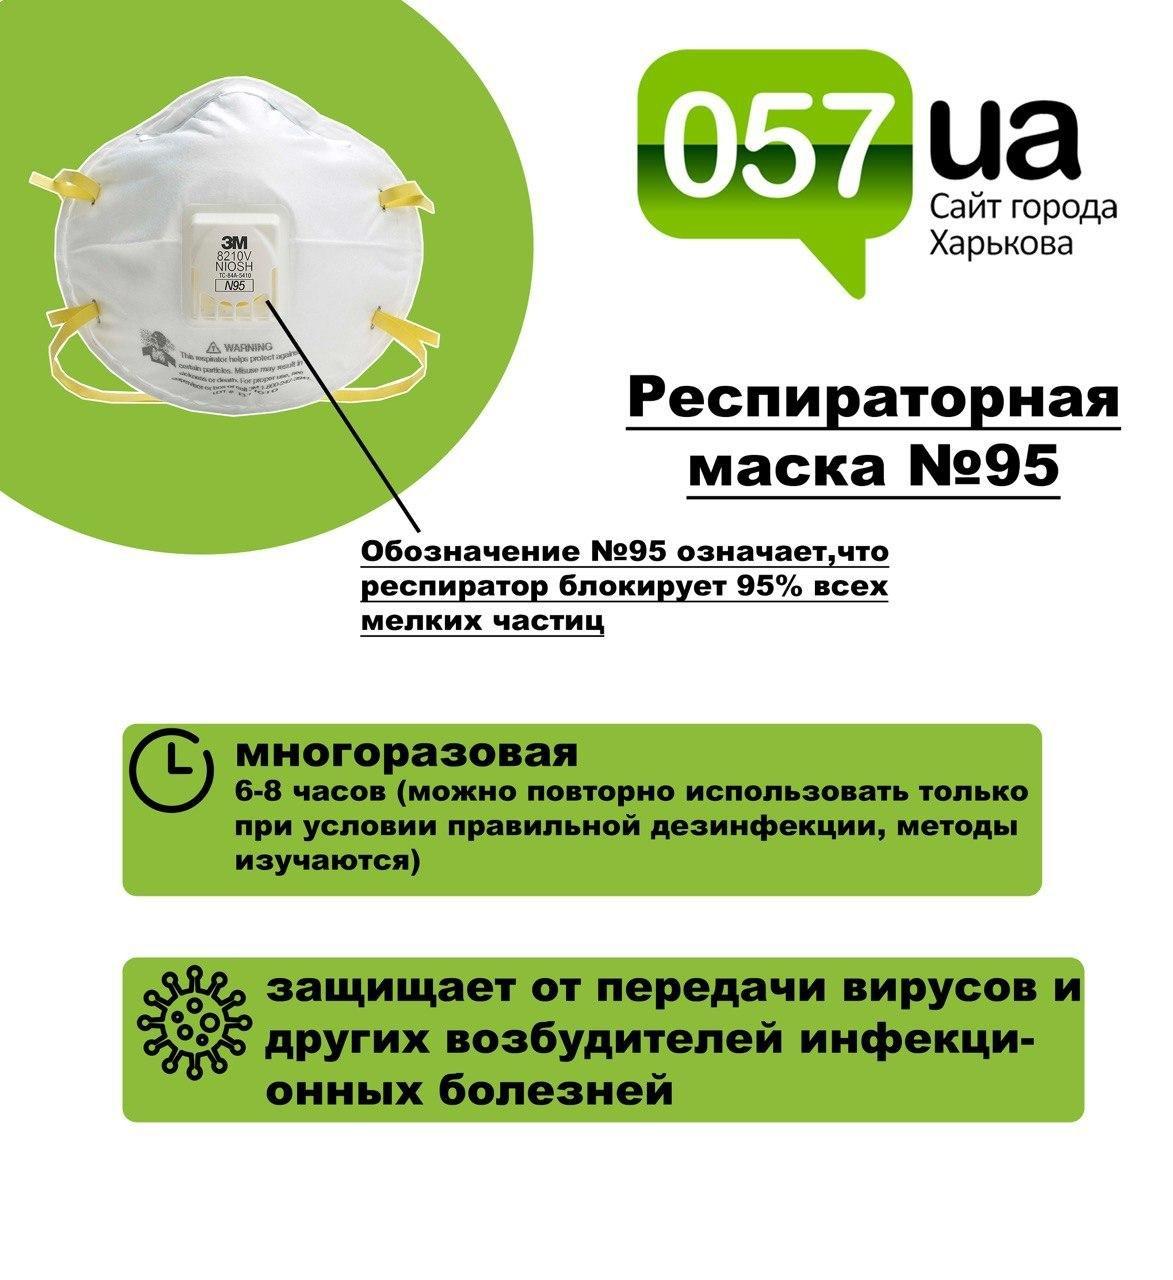 ТОП-5 видов защитных масок: насколько они помогают и чем отличаются, - ФОТО, фото-5